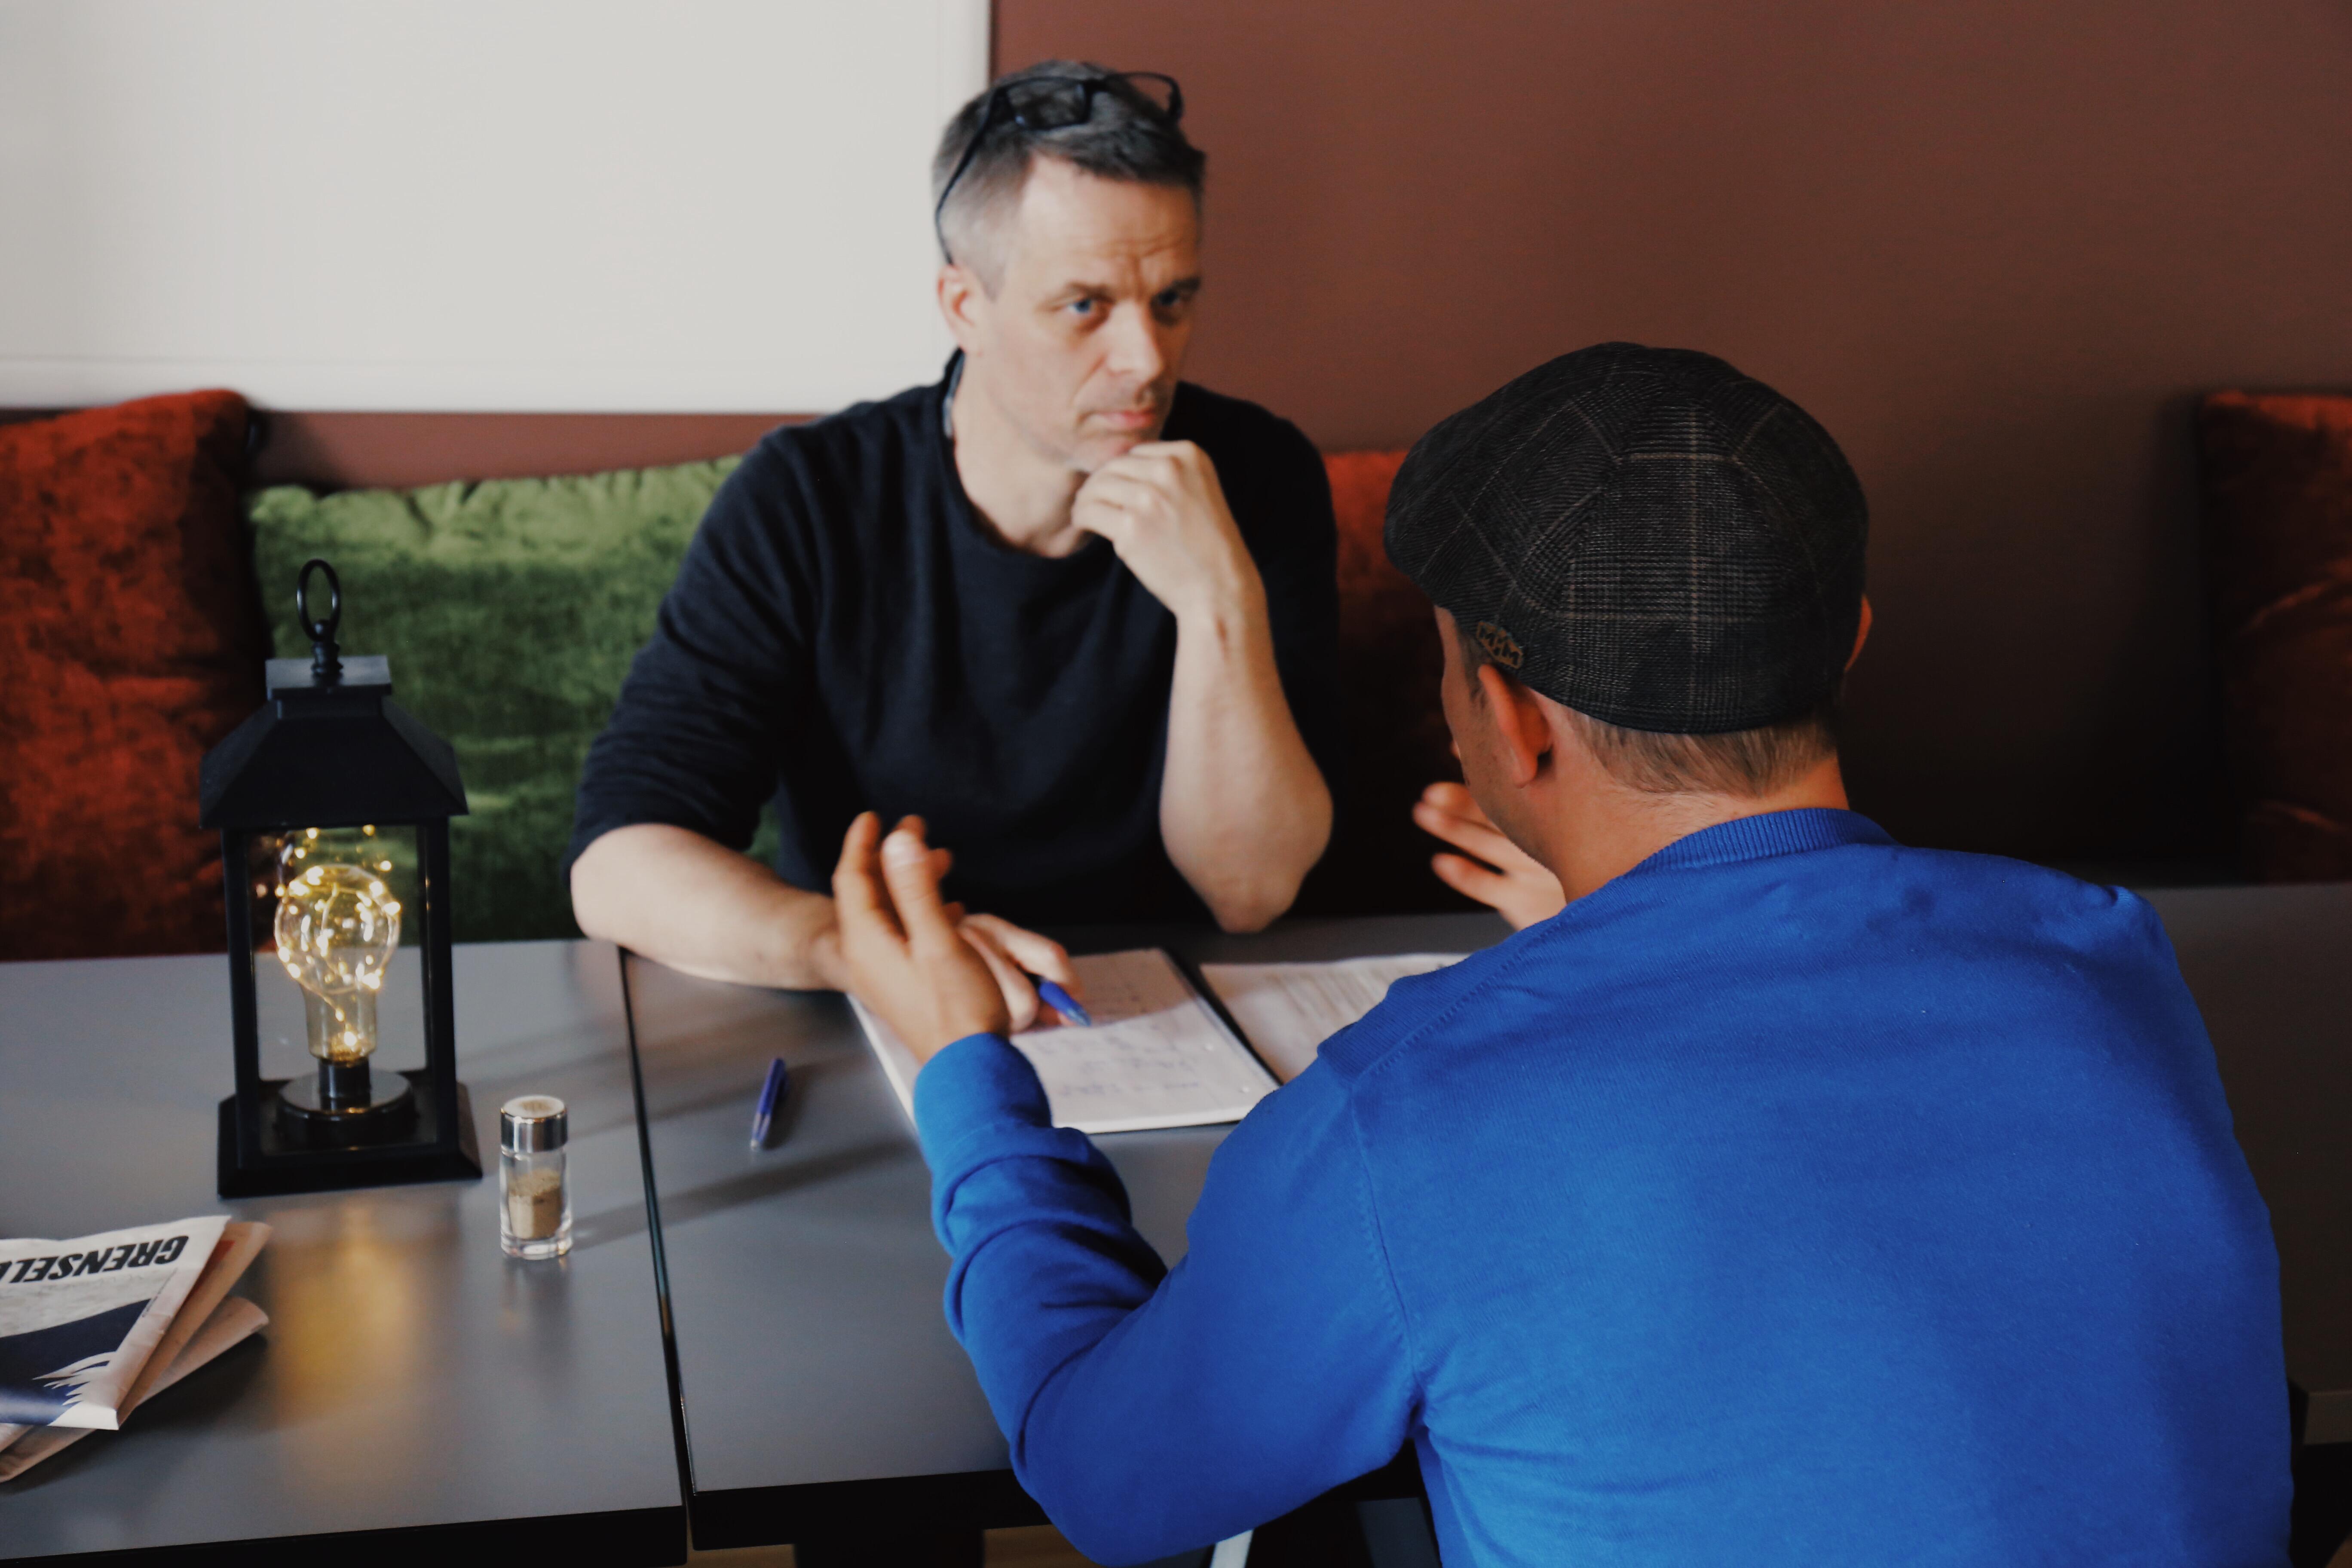 Behandler Vegard Knutsen snakker med en pasient (elev) om tilbakemeldingen vedkommende har gitt ham. Feedbackverktøy skal tas i bruk i hele stiftelsen fra 1. mars. Foto: Anders Bisgaard/Tyrilistiftelsen